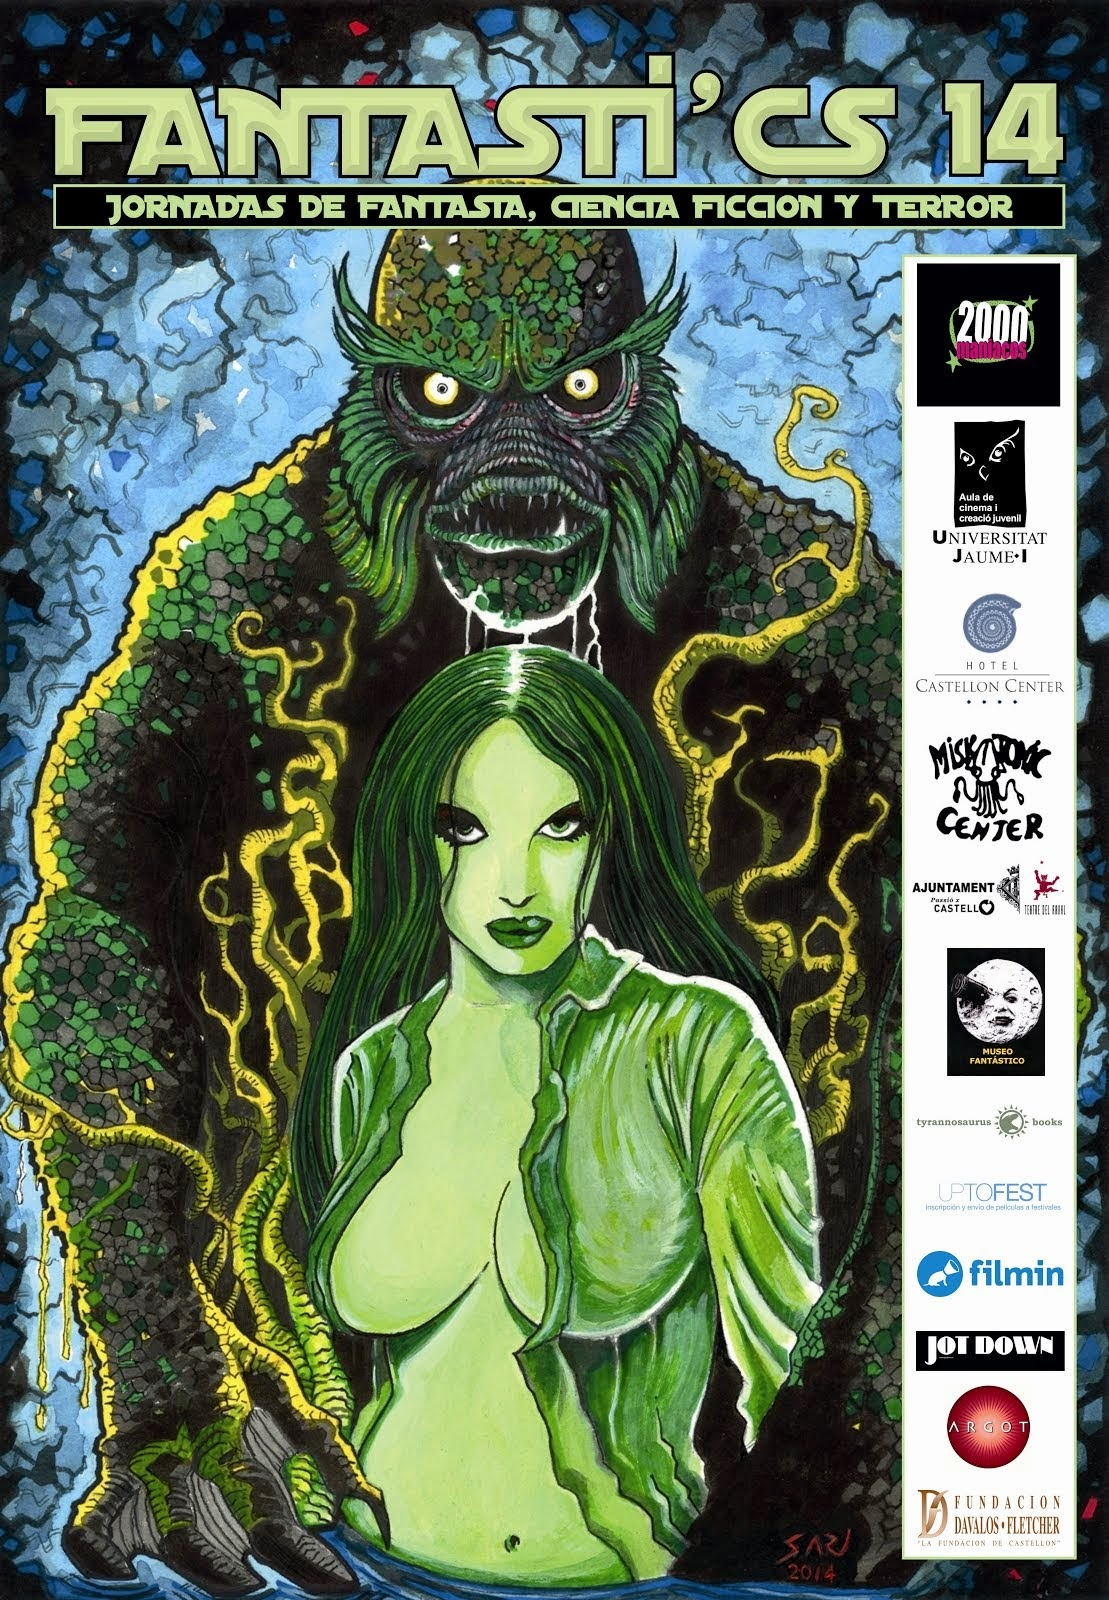 http://fantasticastello.blogspot.com.es/